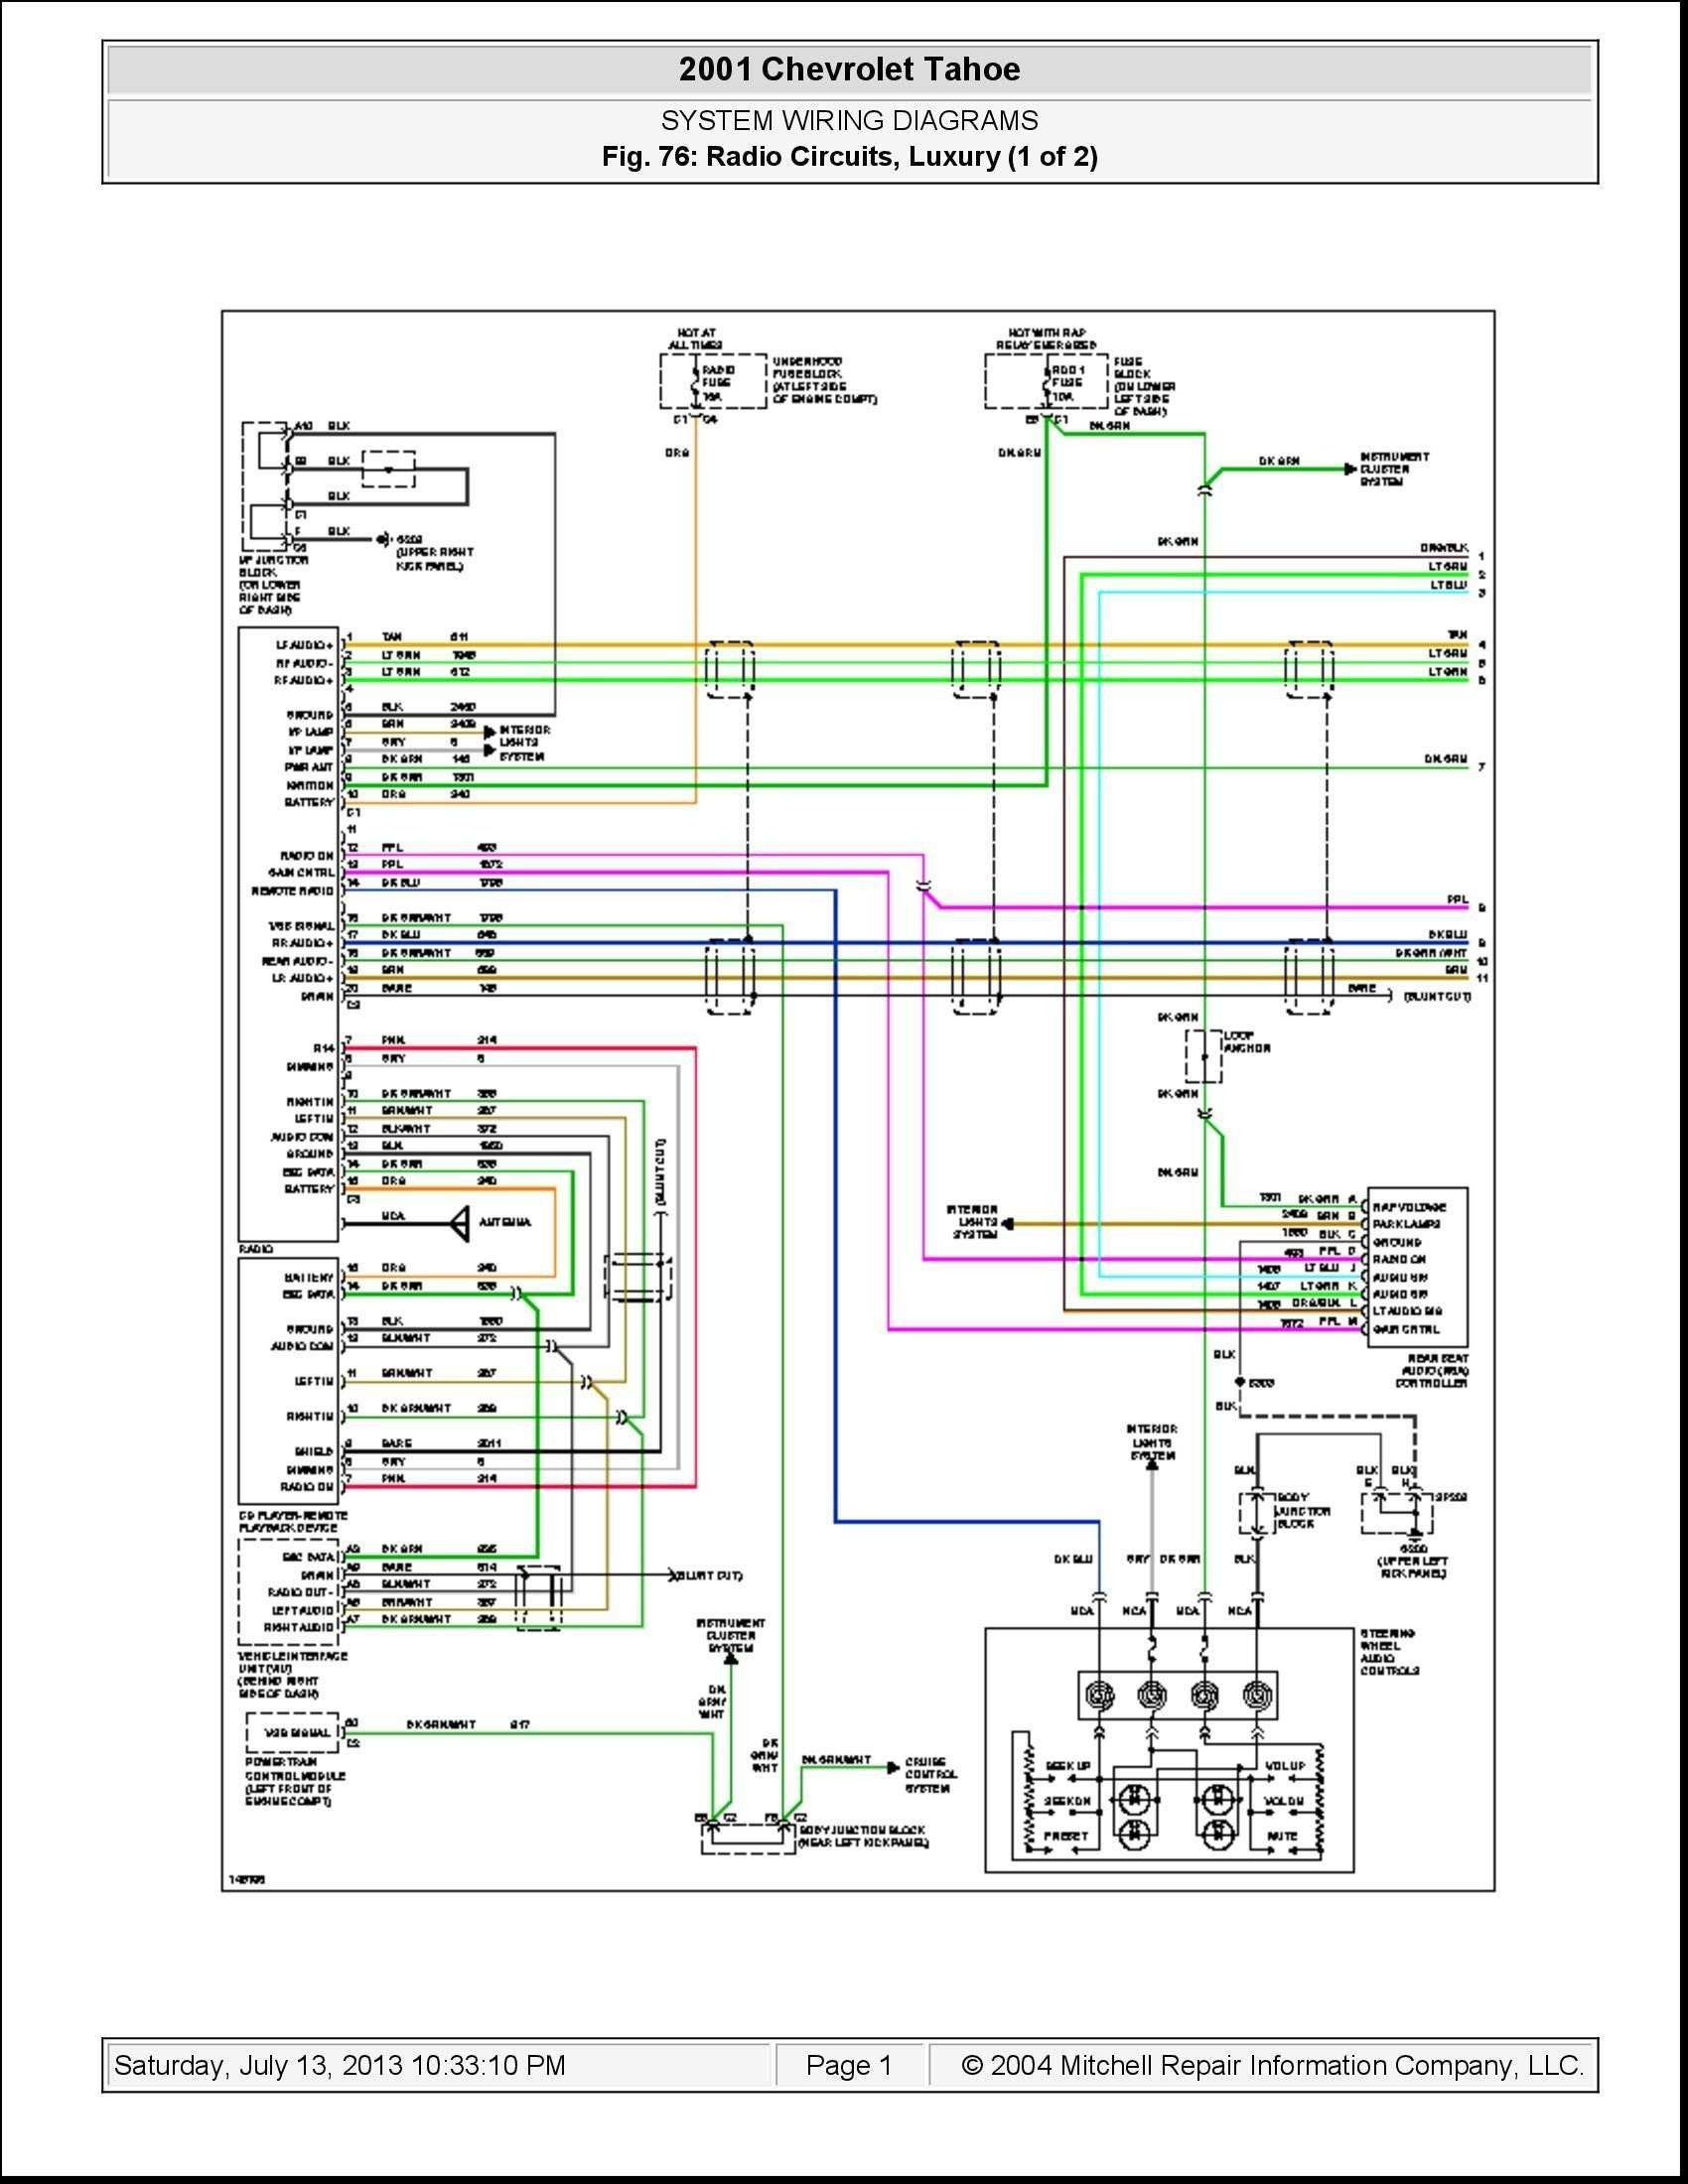 2003 Chevy Silverado Radio Wiring Diagram 2005